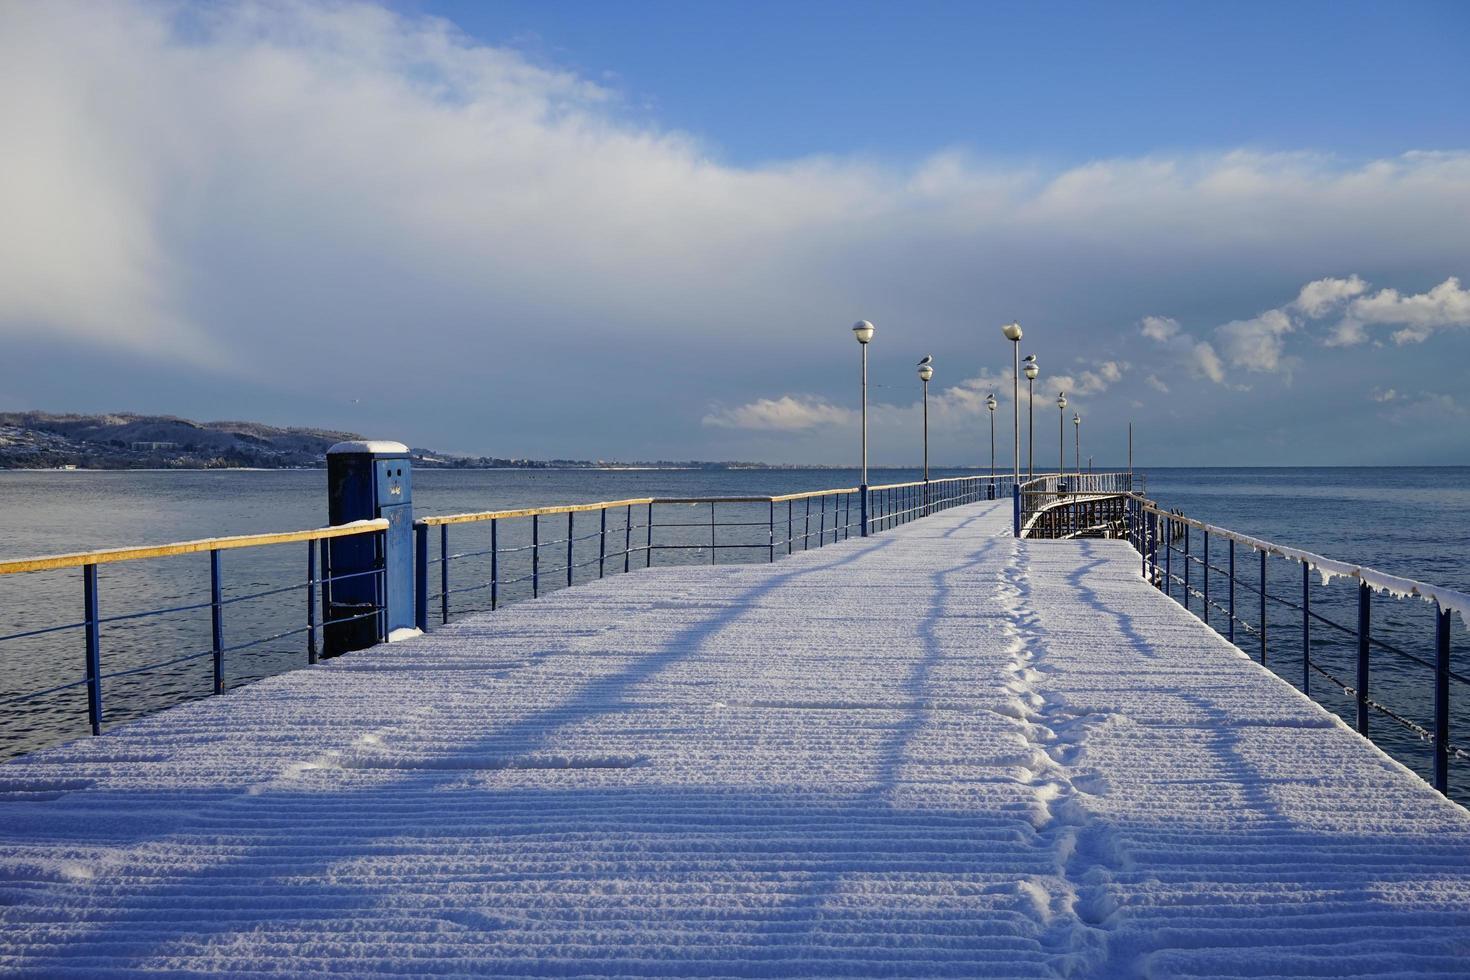 molo marittimo in un paese subtropicale sotto uno strato di neve foto